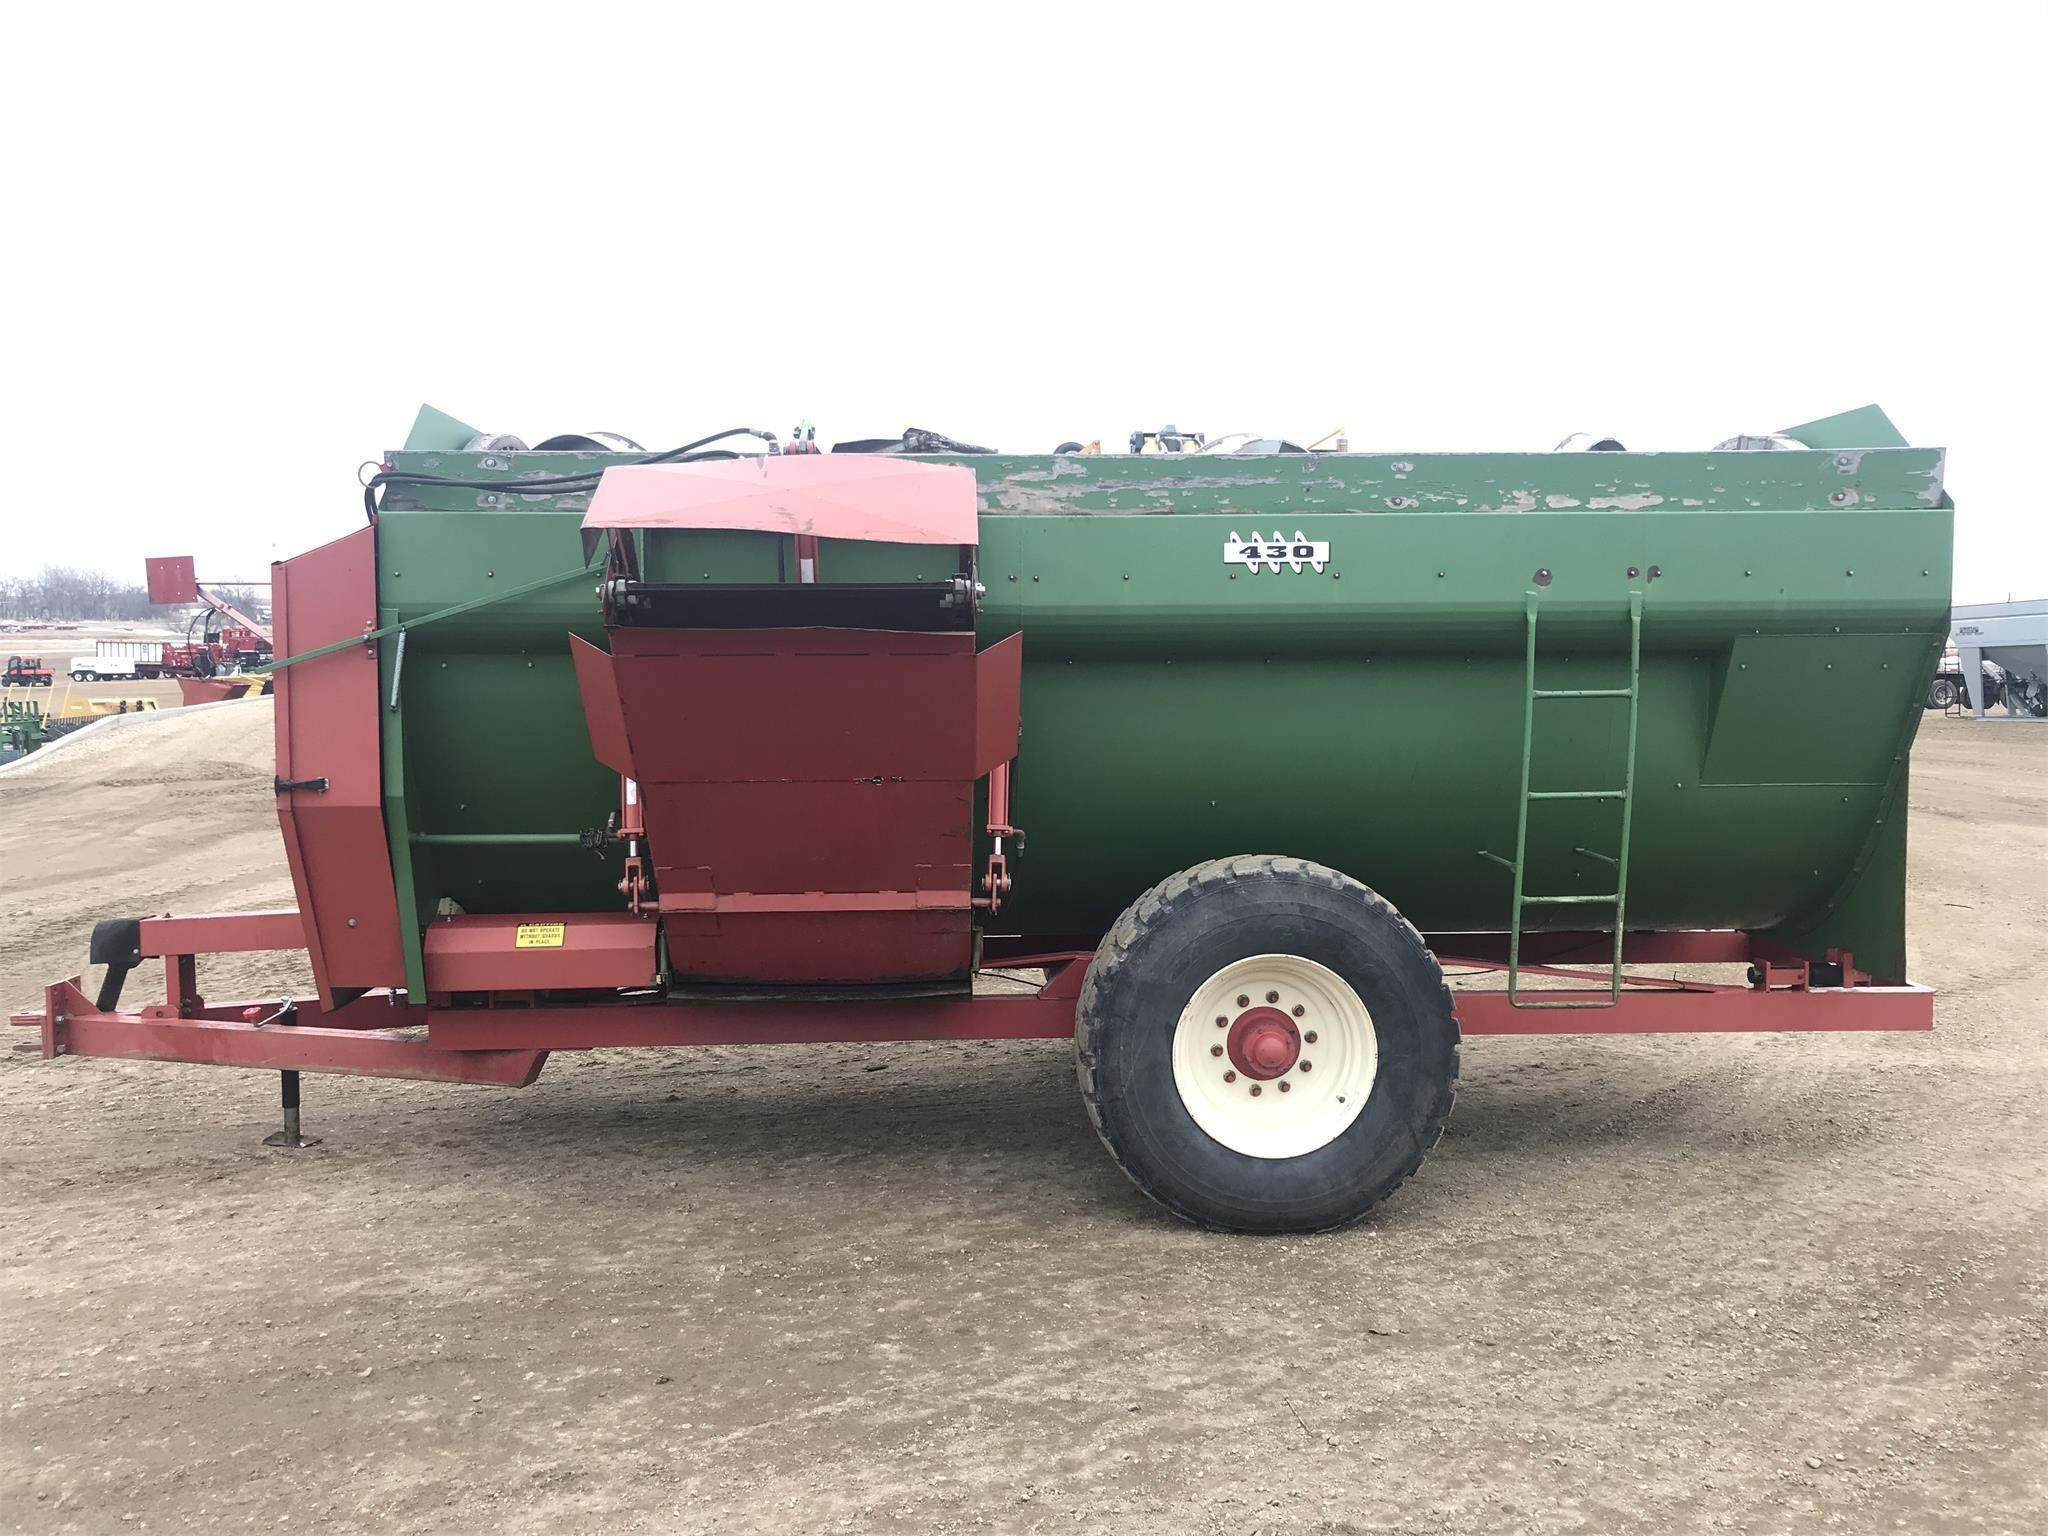 2007 Farm Aid 430 Feed Wagon